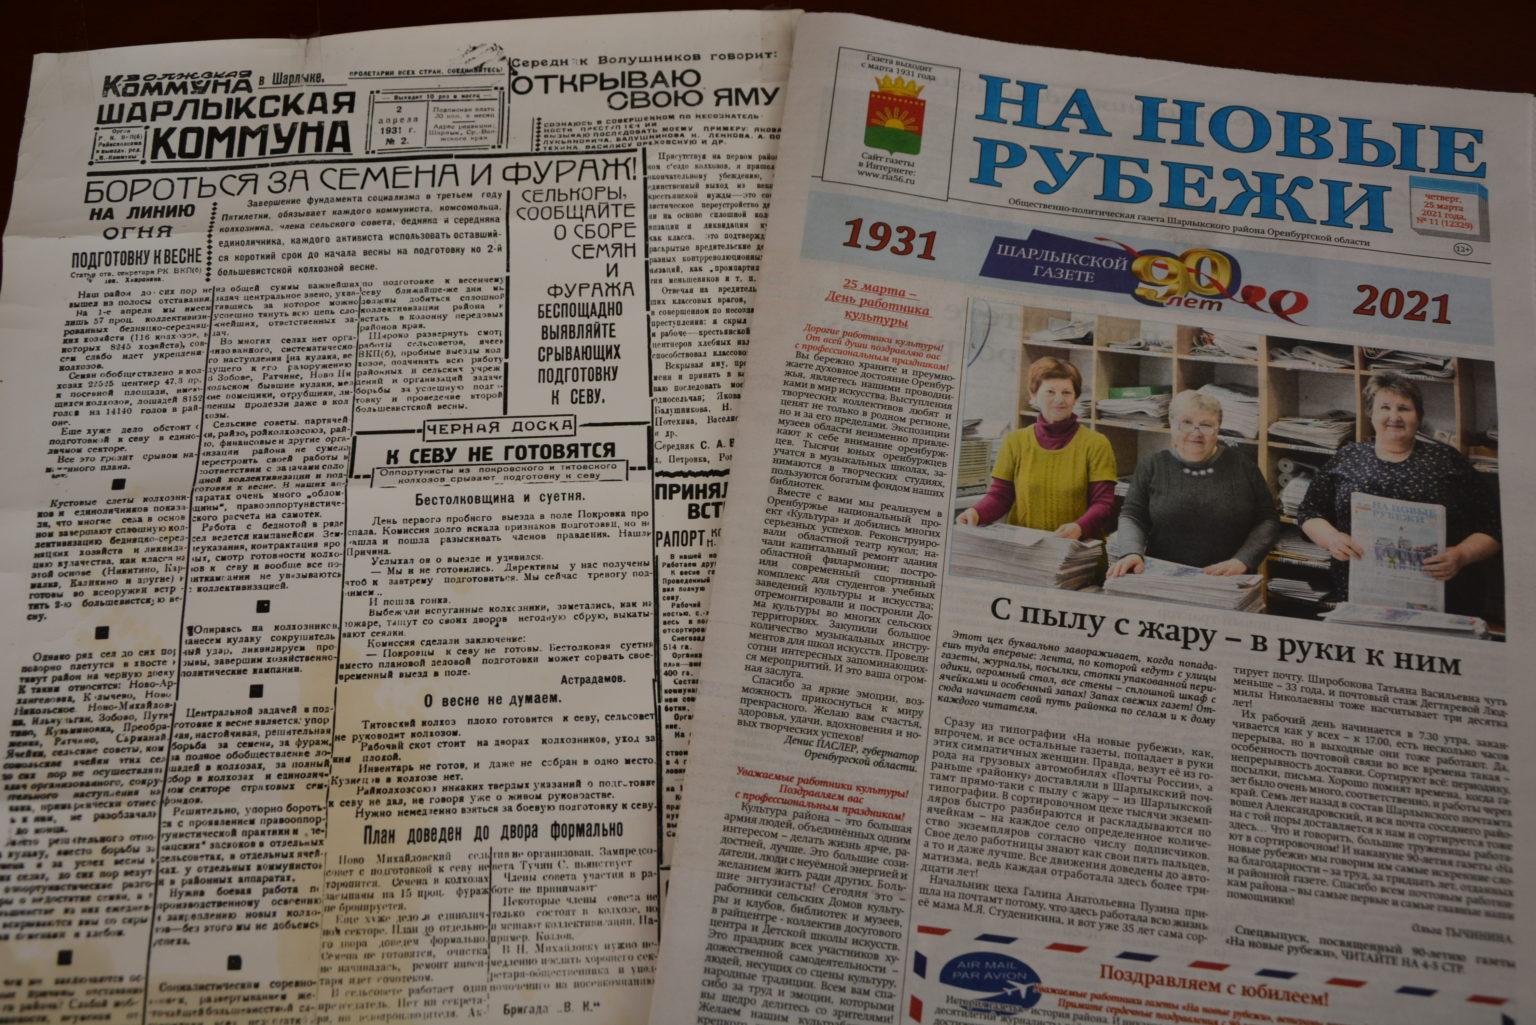 Шарлыкская районная газета «На новые рубежи» отметила 90-летний юбилей